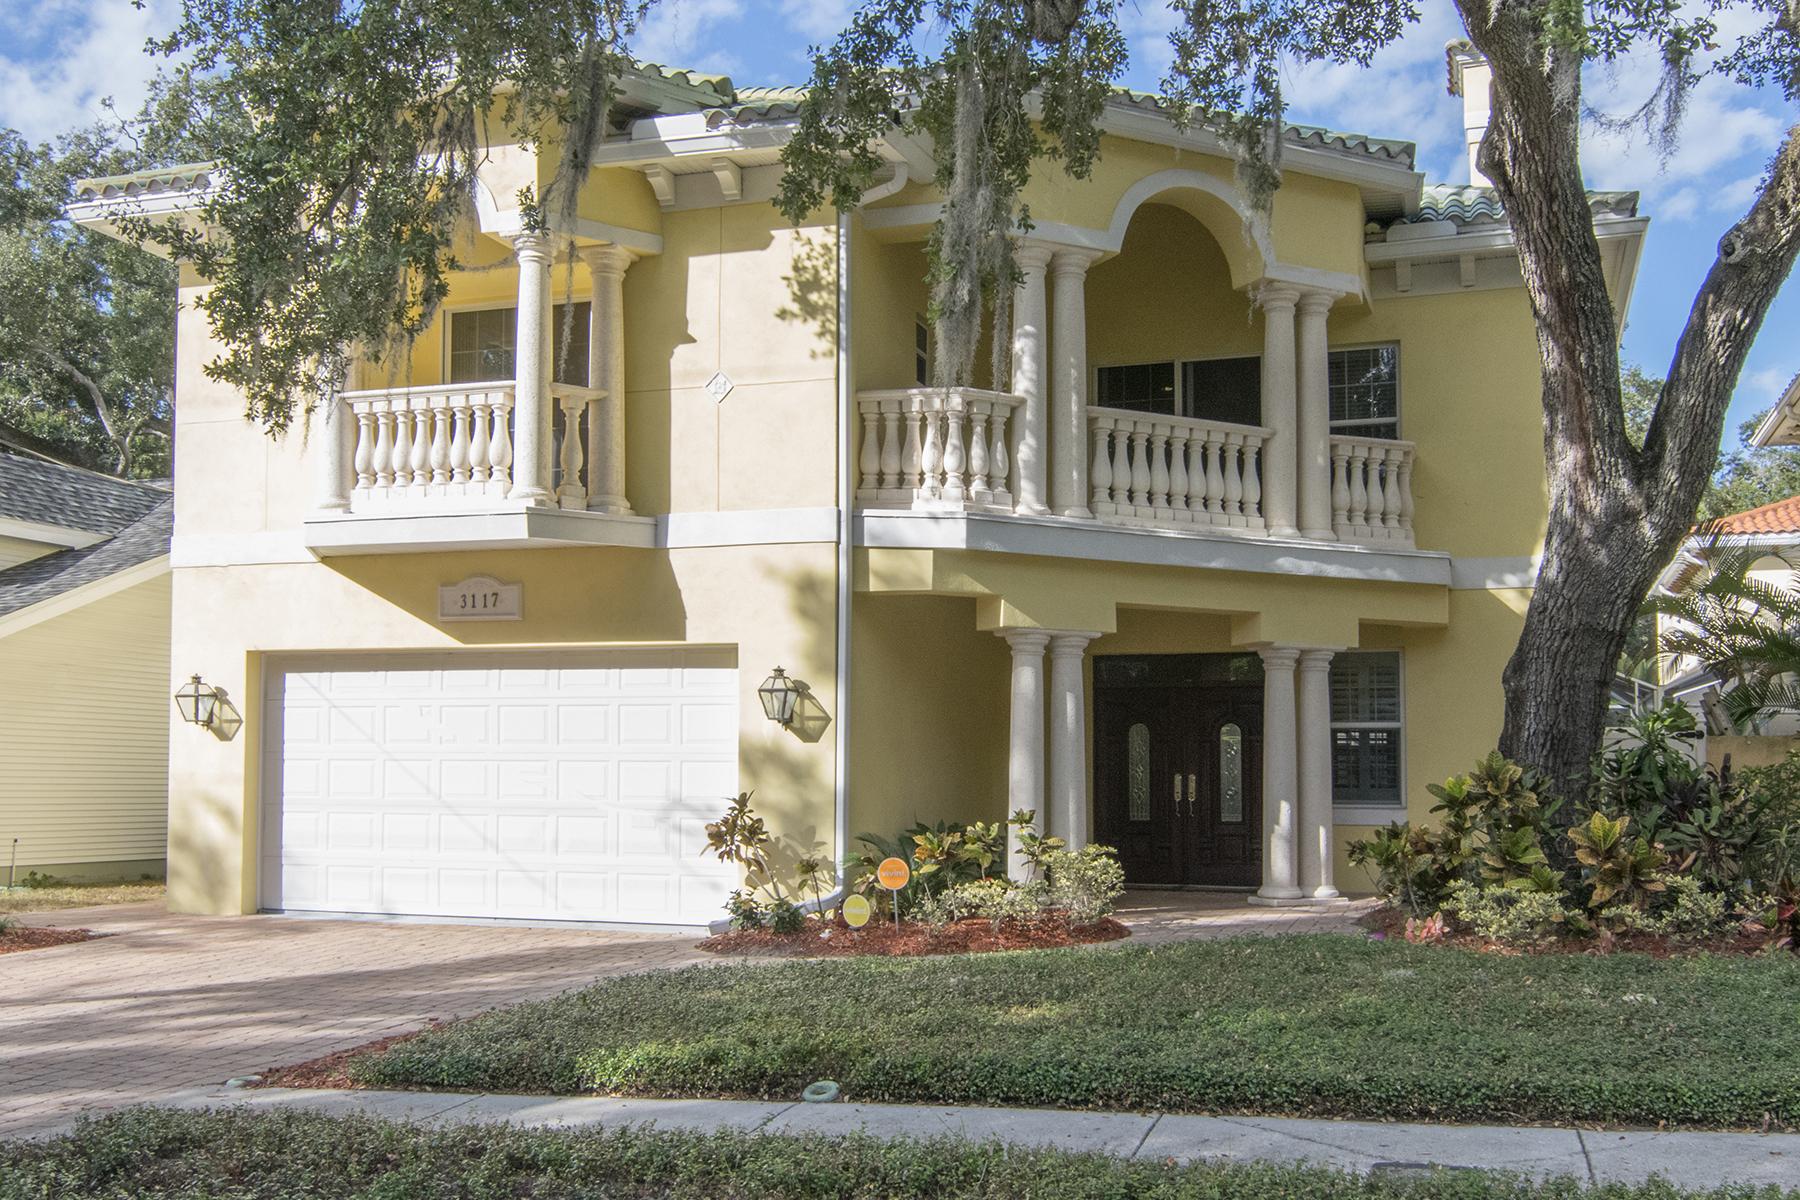 一戸建て のために 売買 アット SOUTH TAMPA 3117 W Villa Rosa St Tampa, フロリダ, 33611 アメリカ合衆国